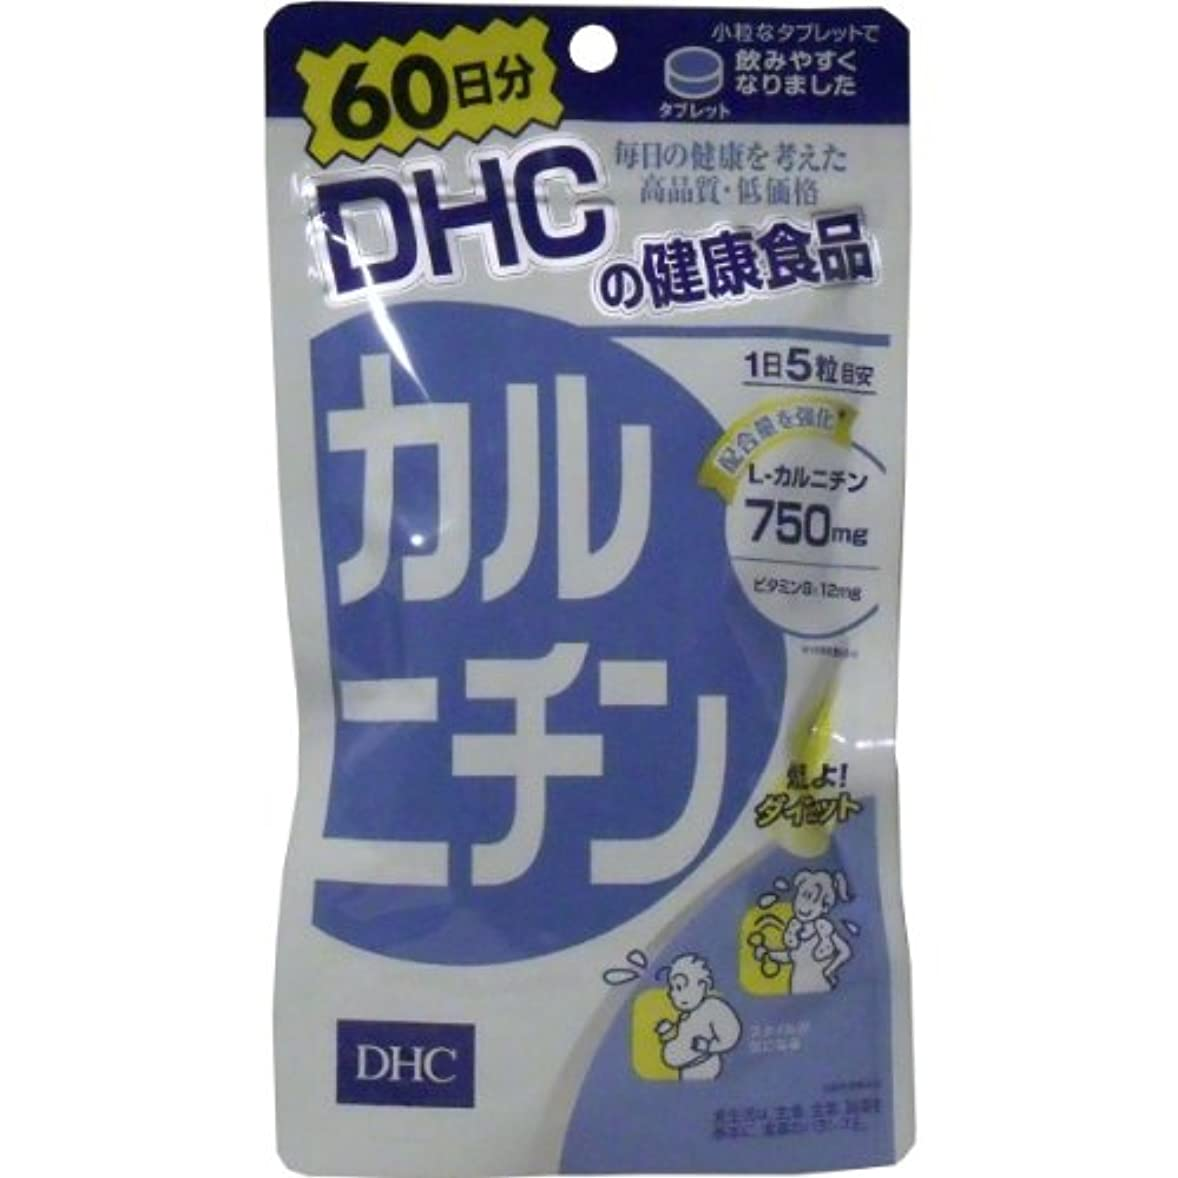 追放画家特徴づけるDHC カルニチン 300粒 60日分 ×3個セット